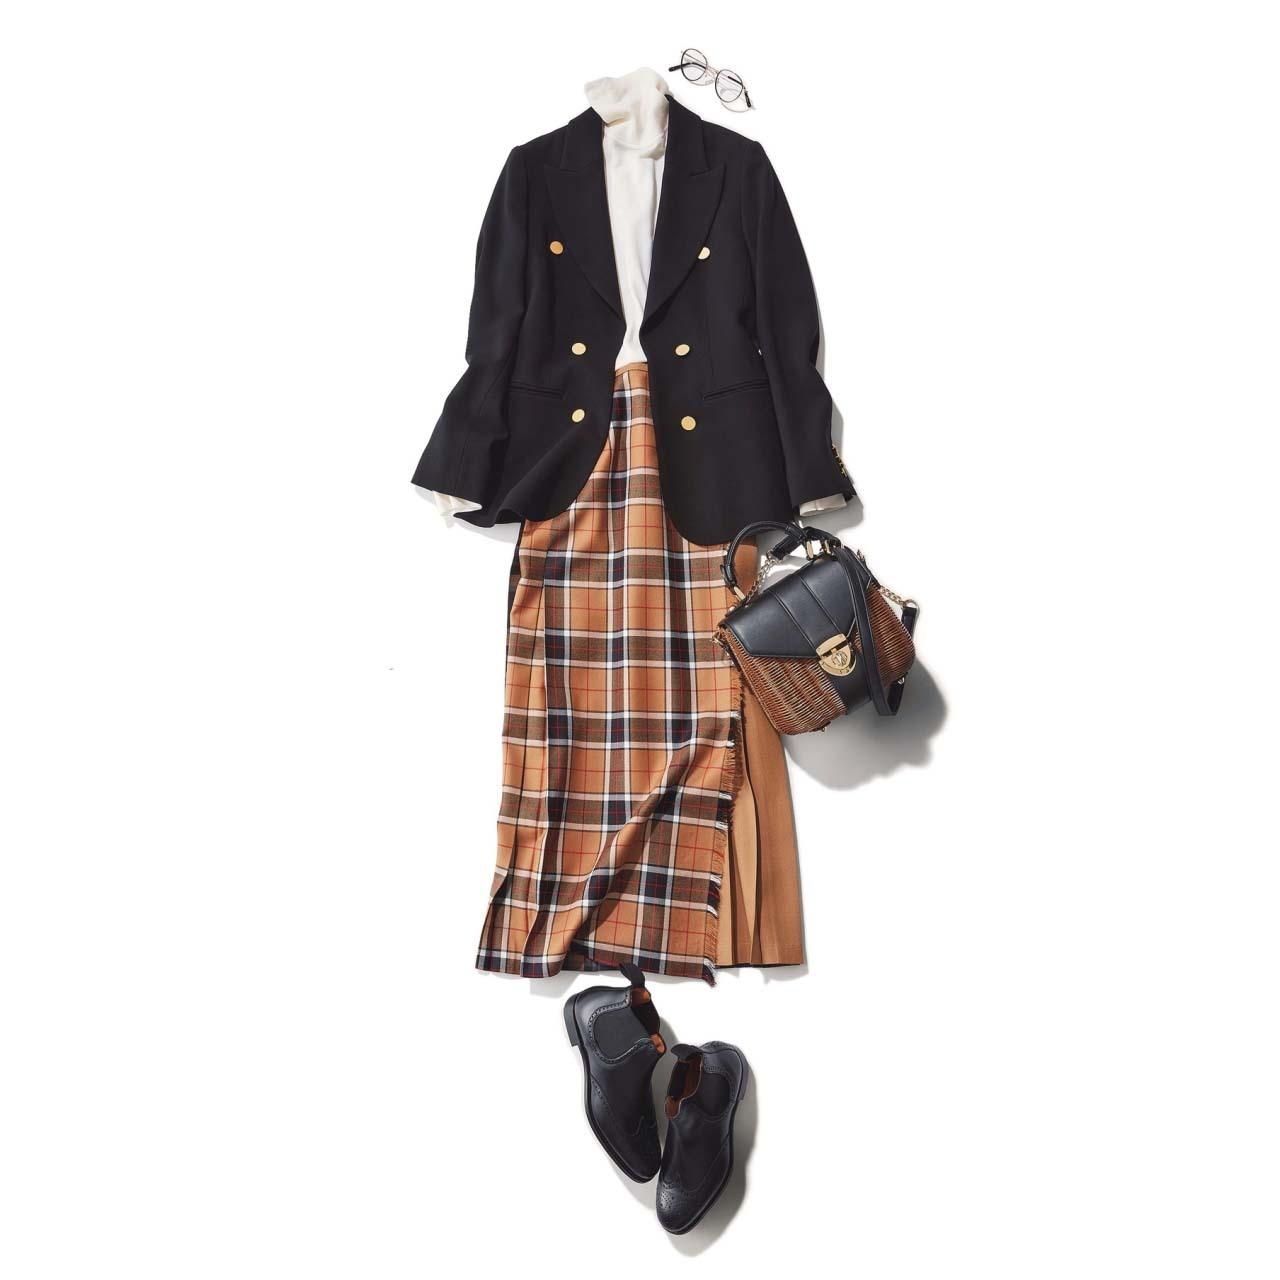 ジャケット×チェック柄スカート×黒のショートブーツコーデ